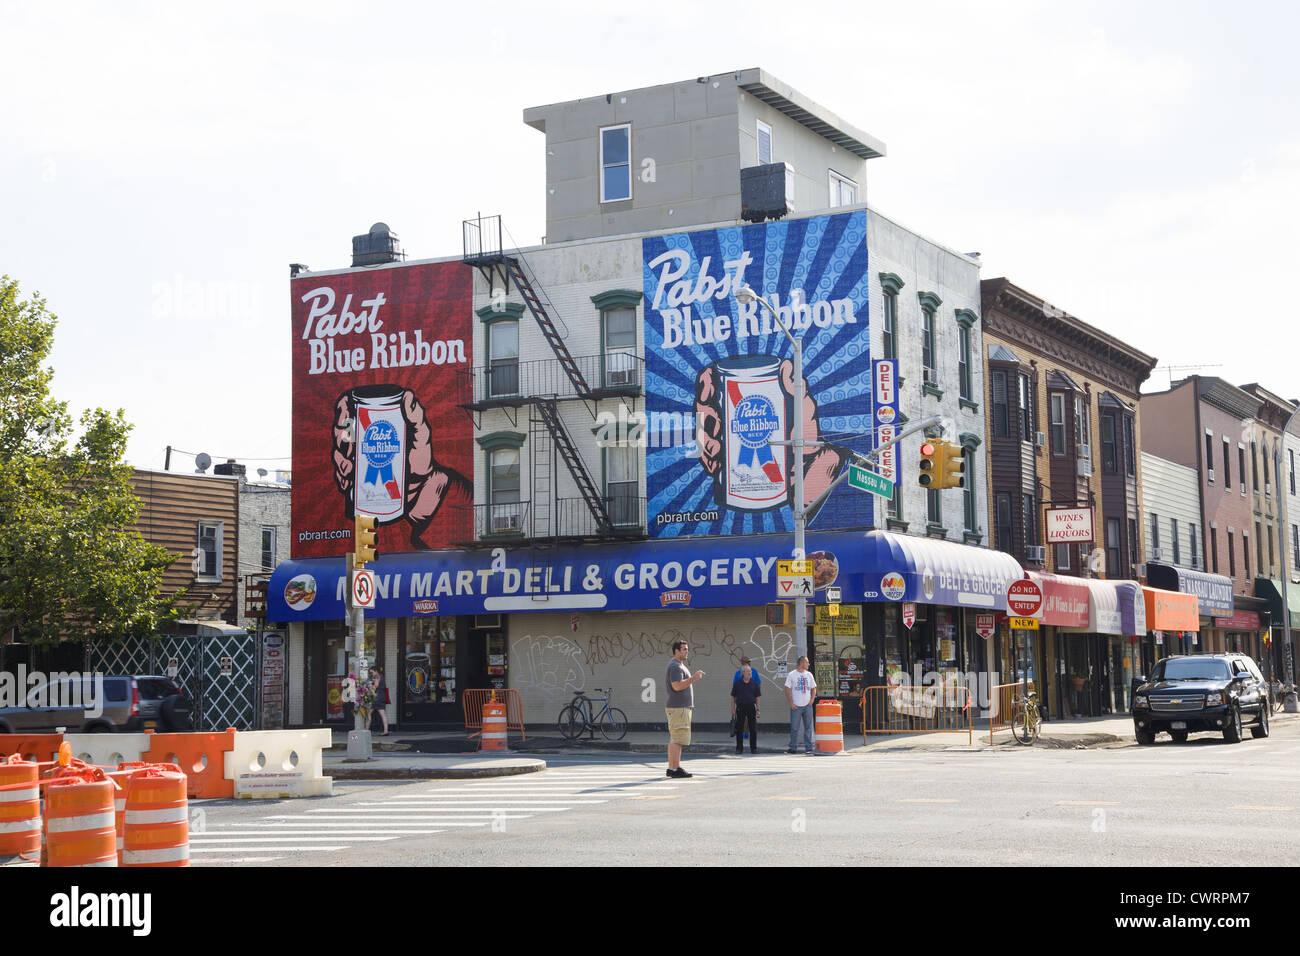 Personals in brooklyn mi Brooklyn Personals, Free Online Personals in Brooklyn, MI